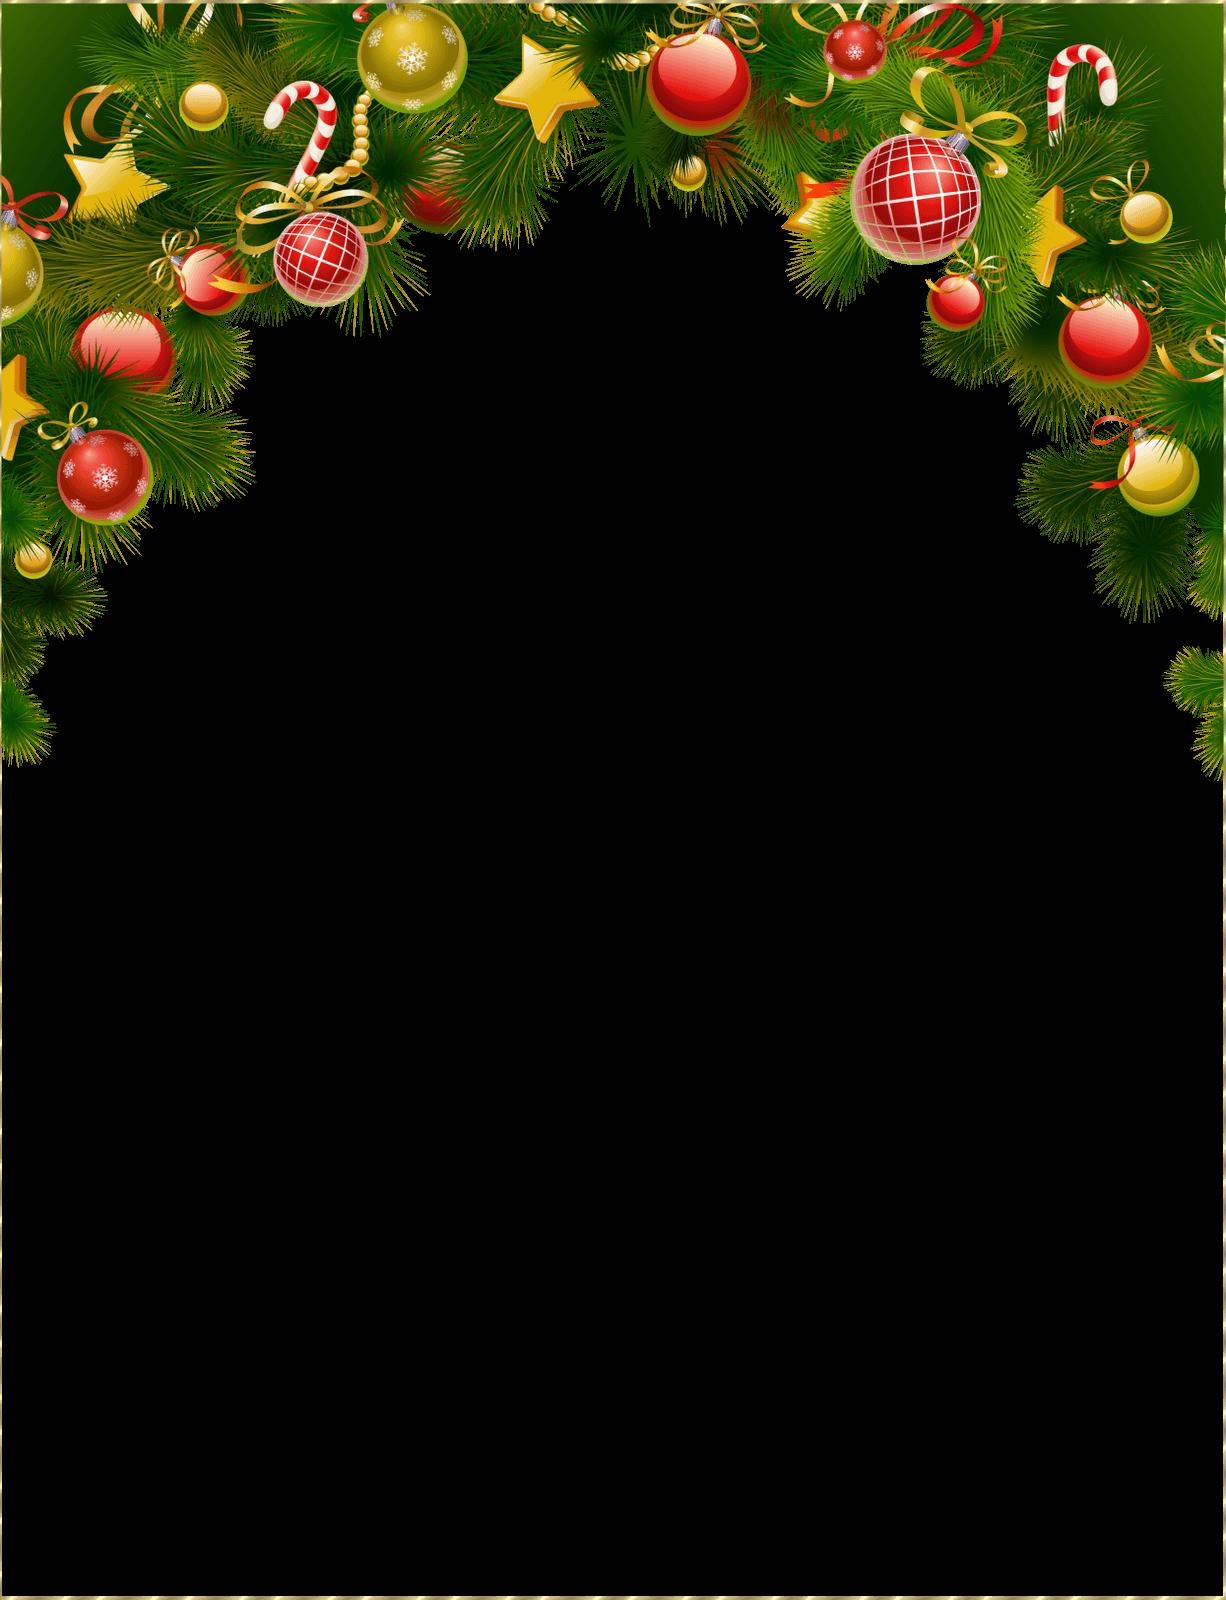 descargar marcos de fotos navideñas gratis